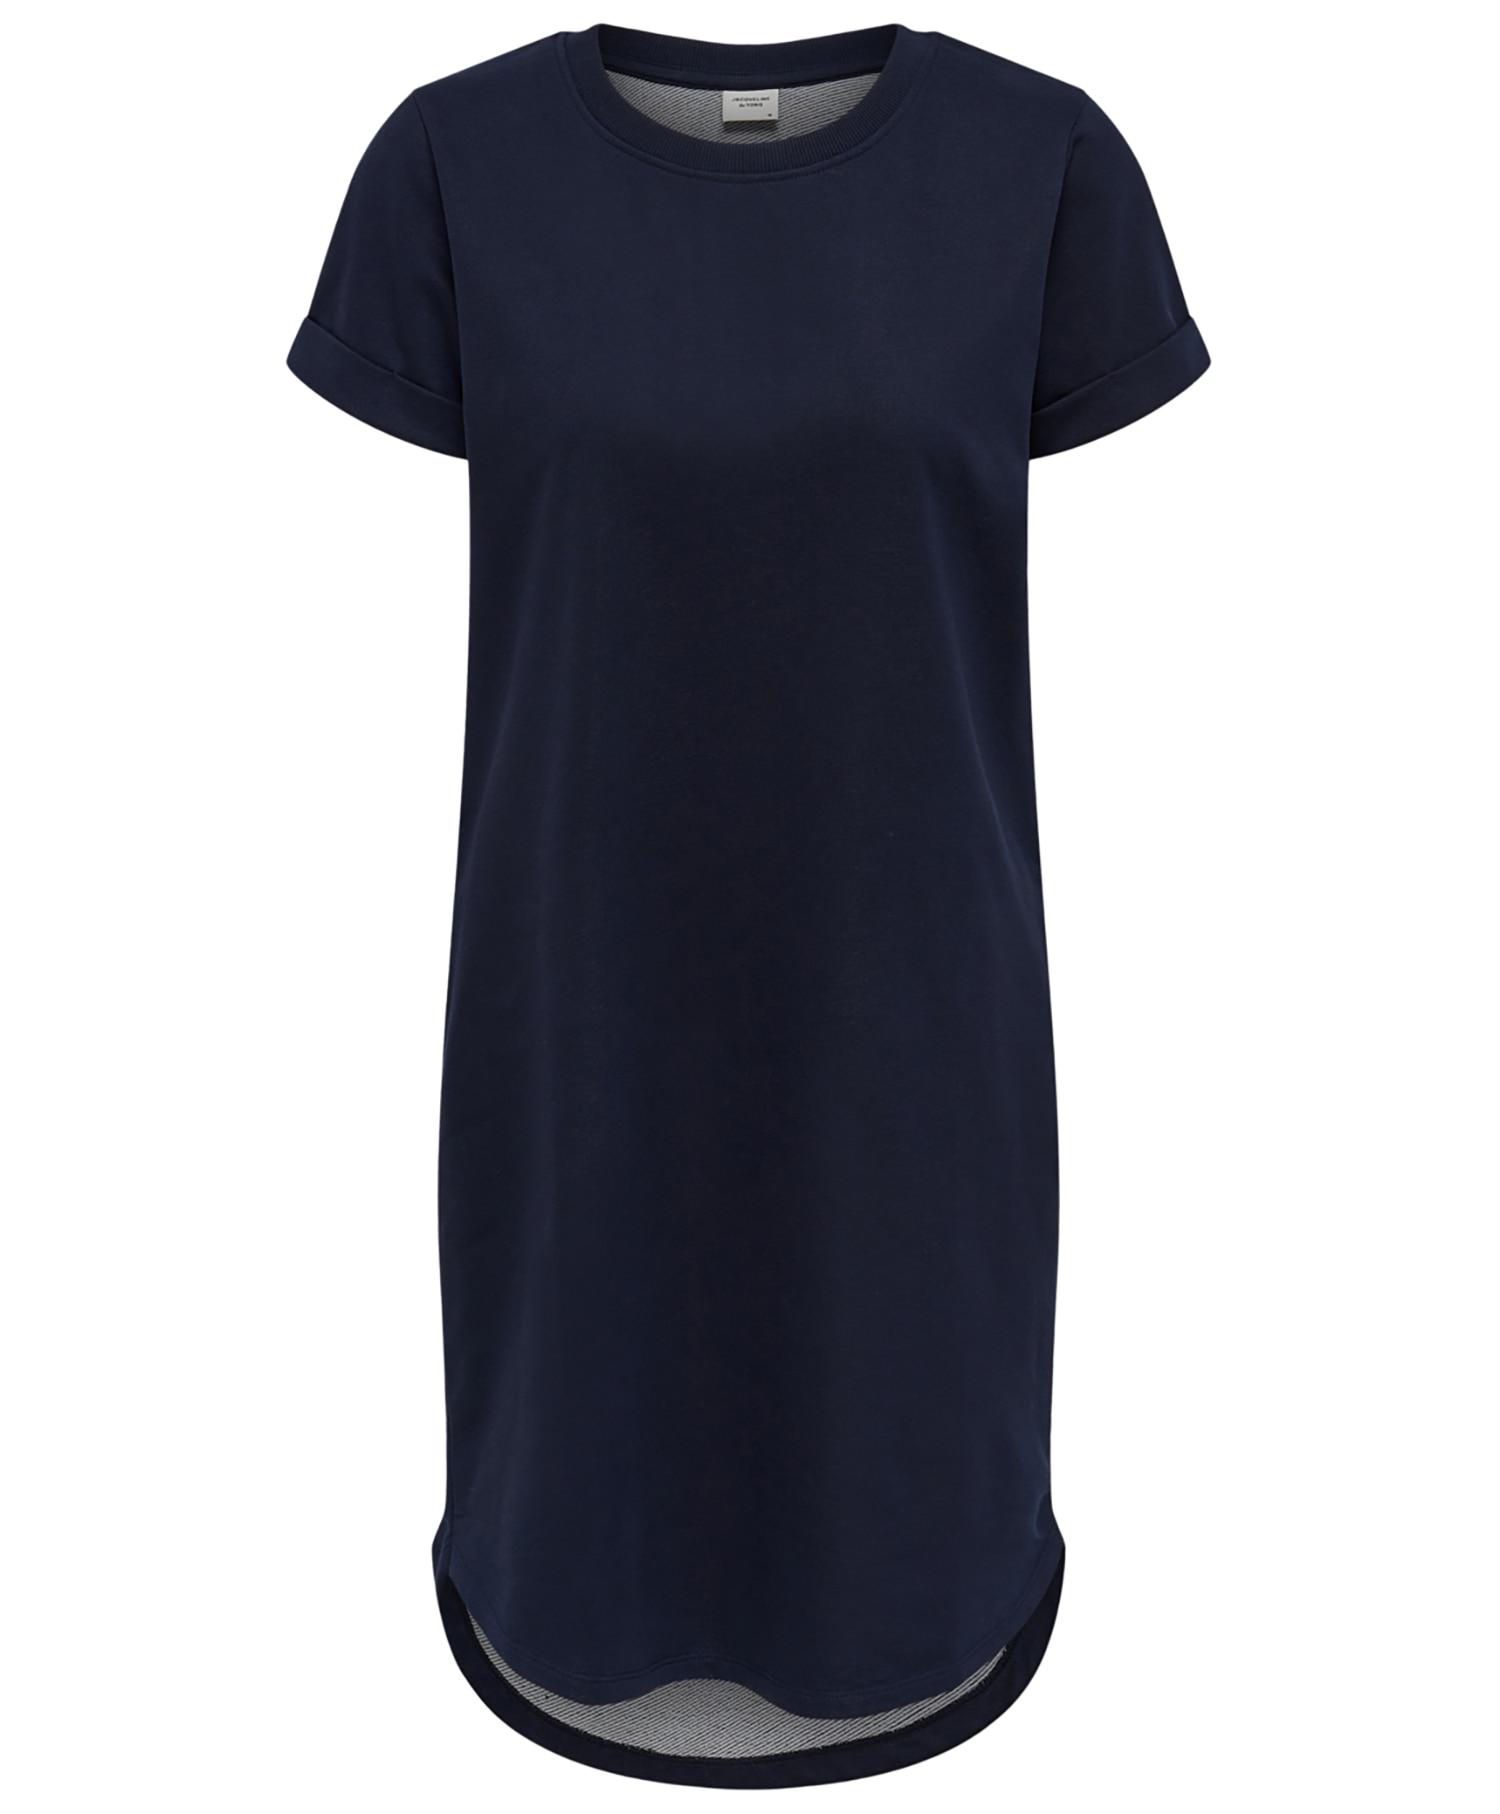 JDY IVY jersey kjole